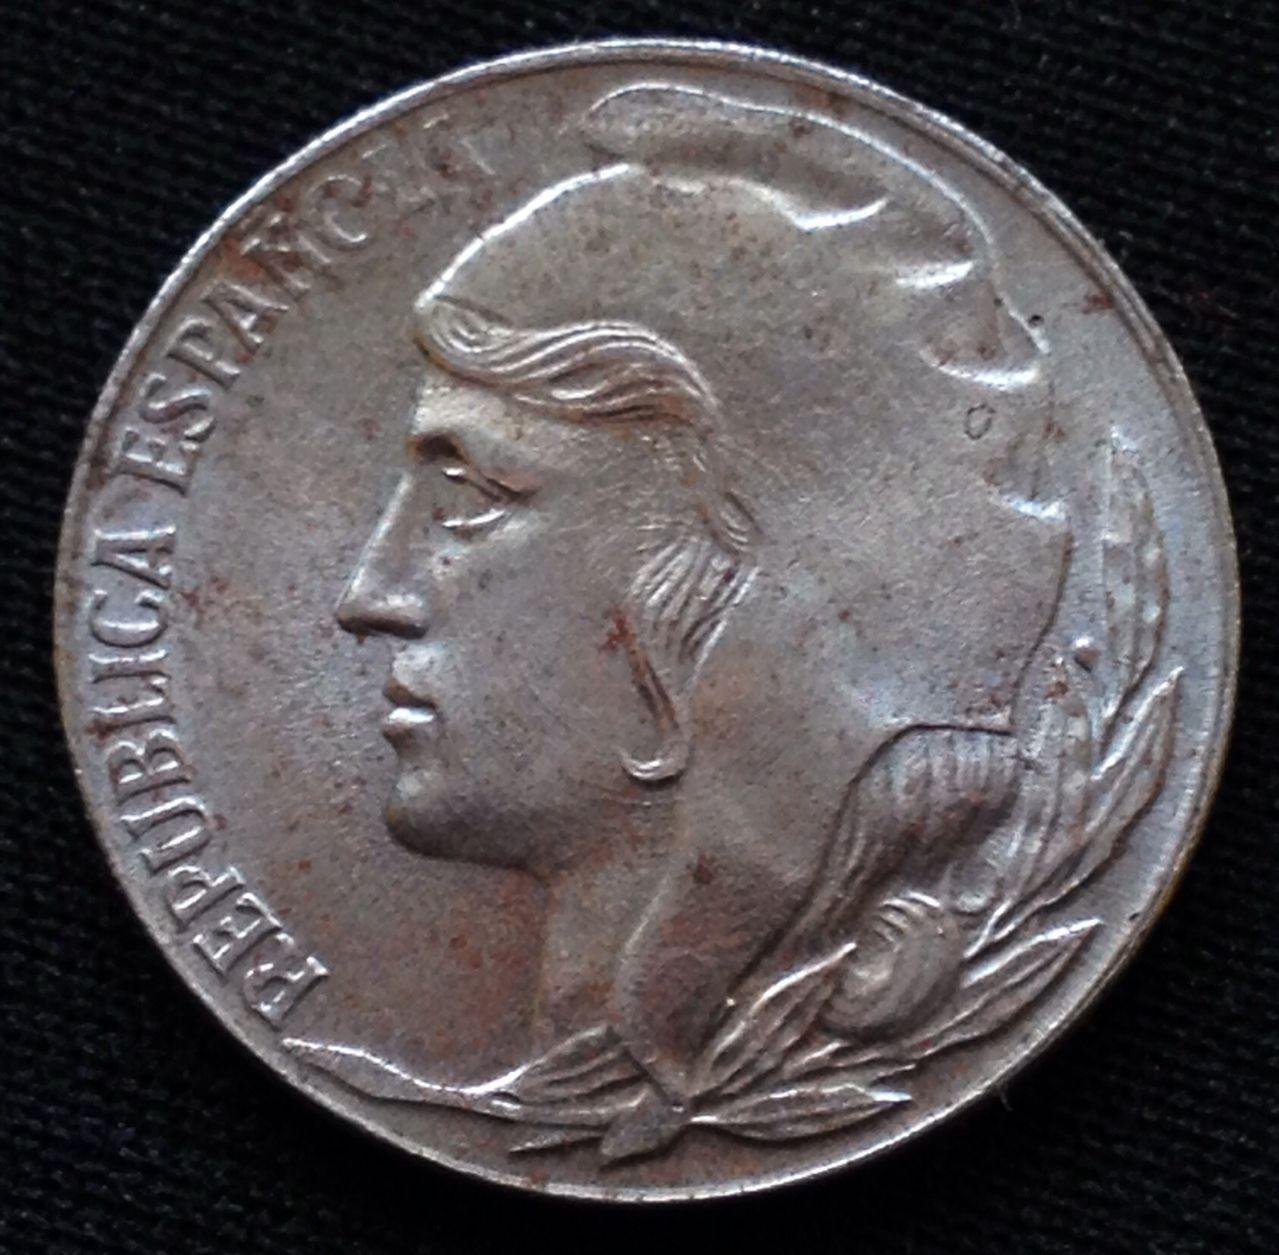 5 céntimos 1937. II República. - Opinión Image